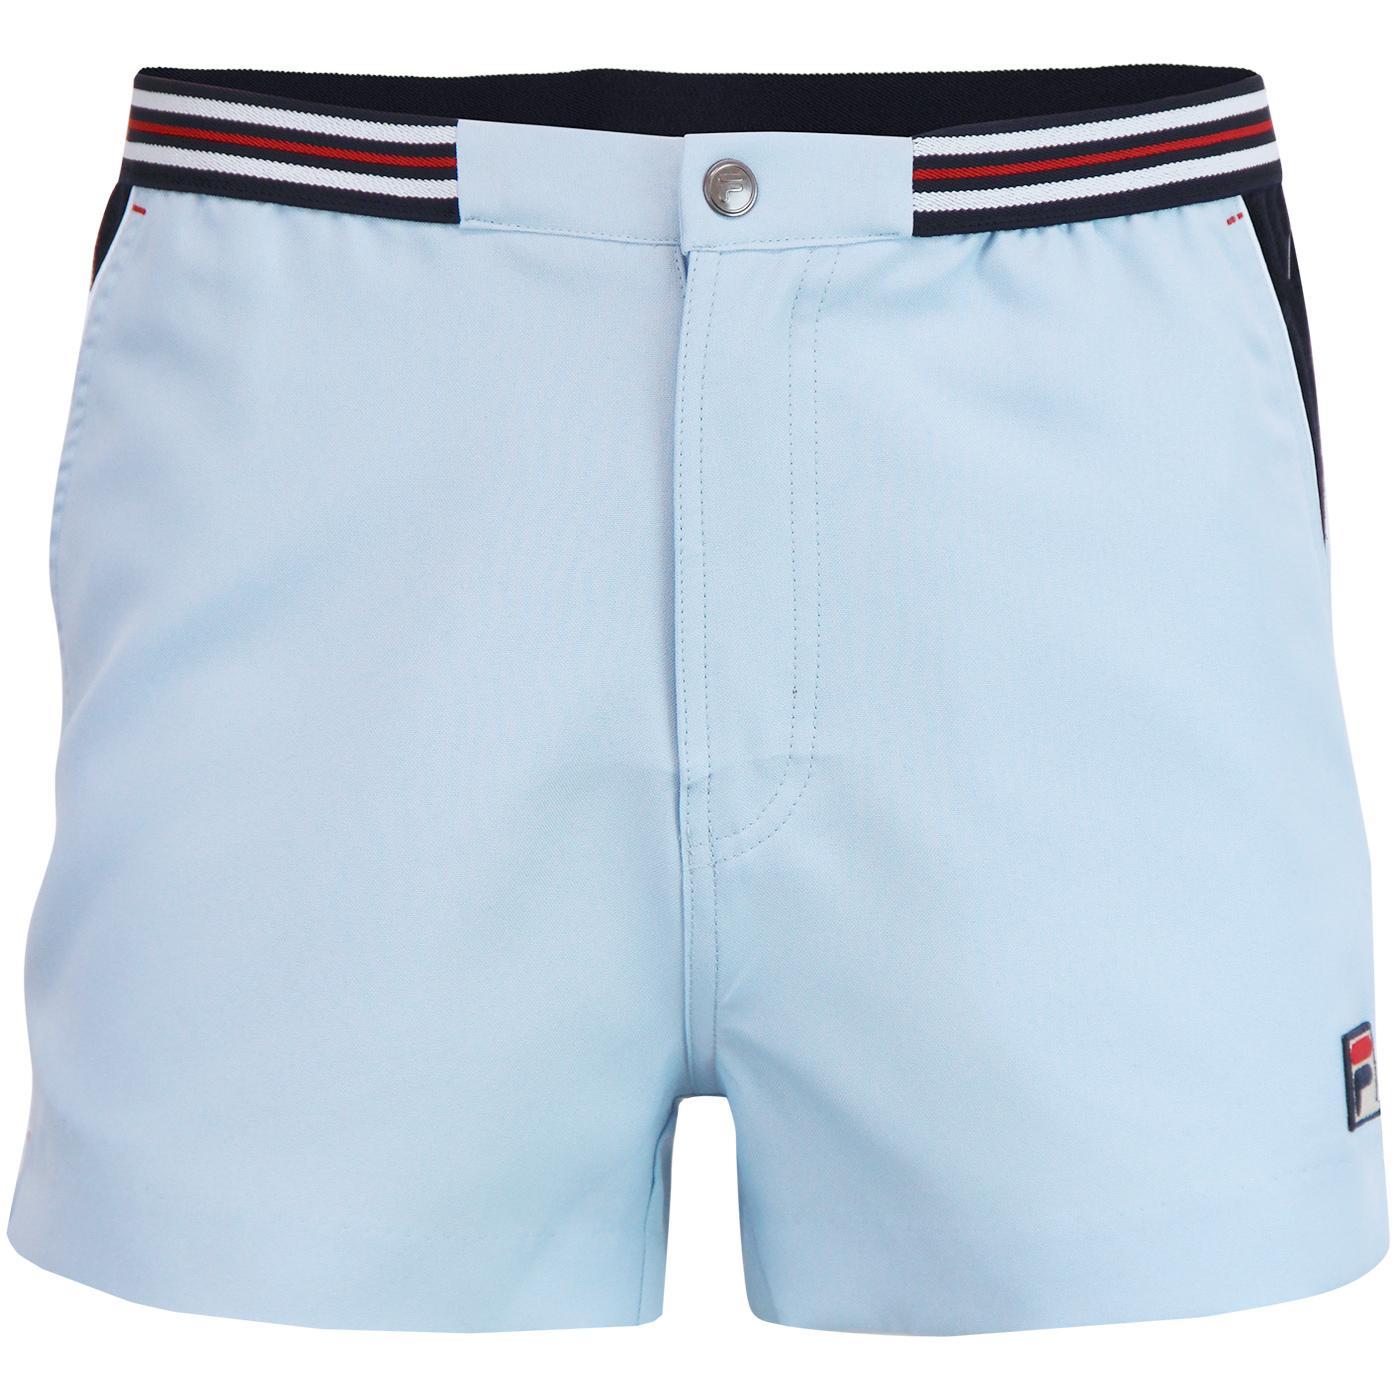 Hightide 4 FILA VINTAGE Mens 70s Tennis Shorts CB